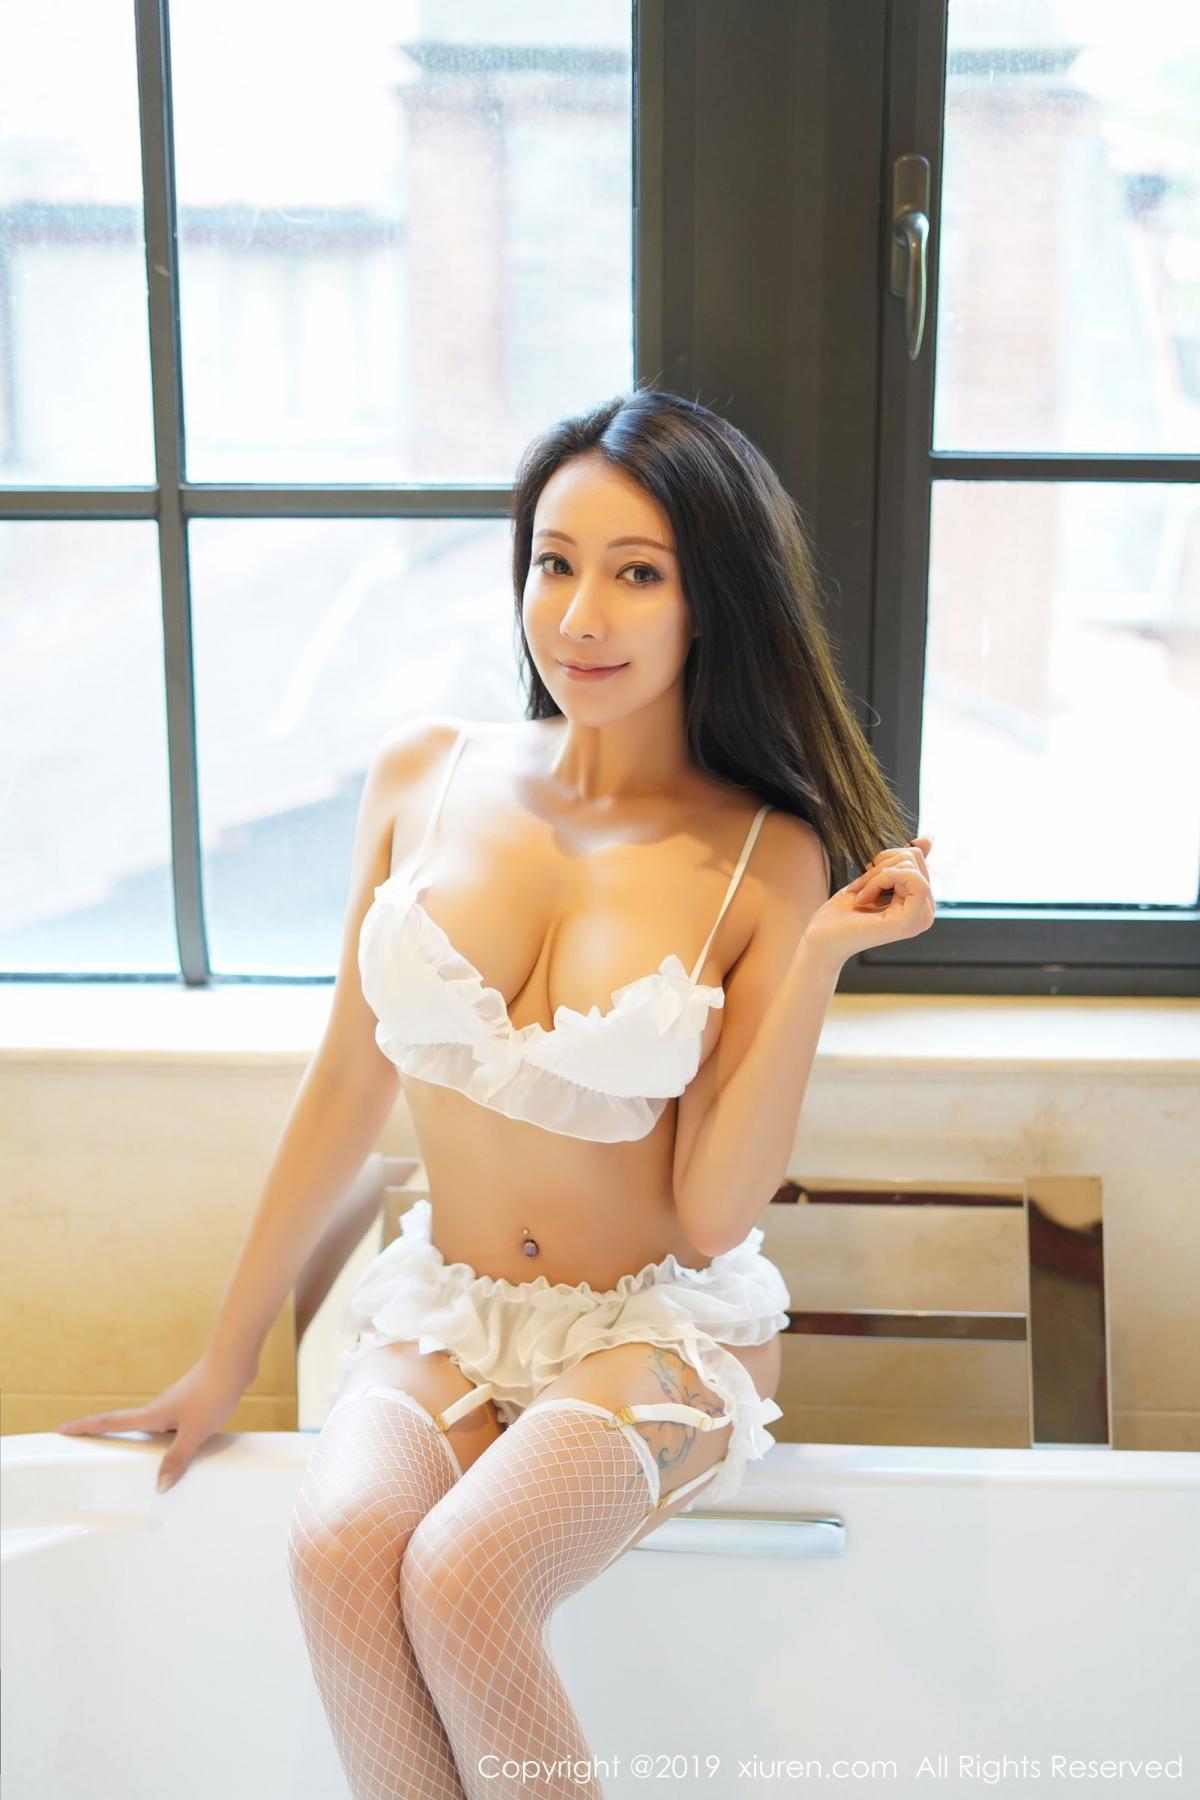 [XiuRen] Vol.1786 Song Guo Er 2P, Bathroom, Mature, Song Guo Er, Underwear, Xiuren